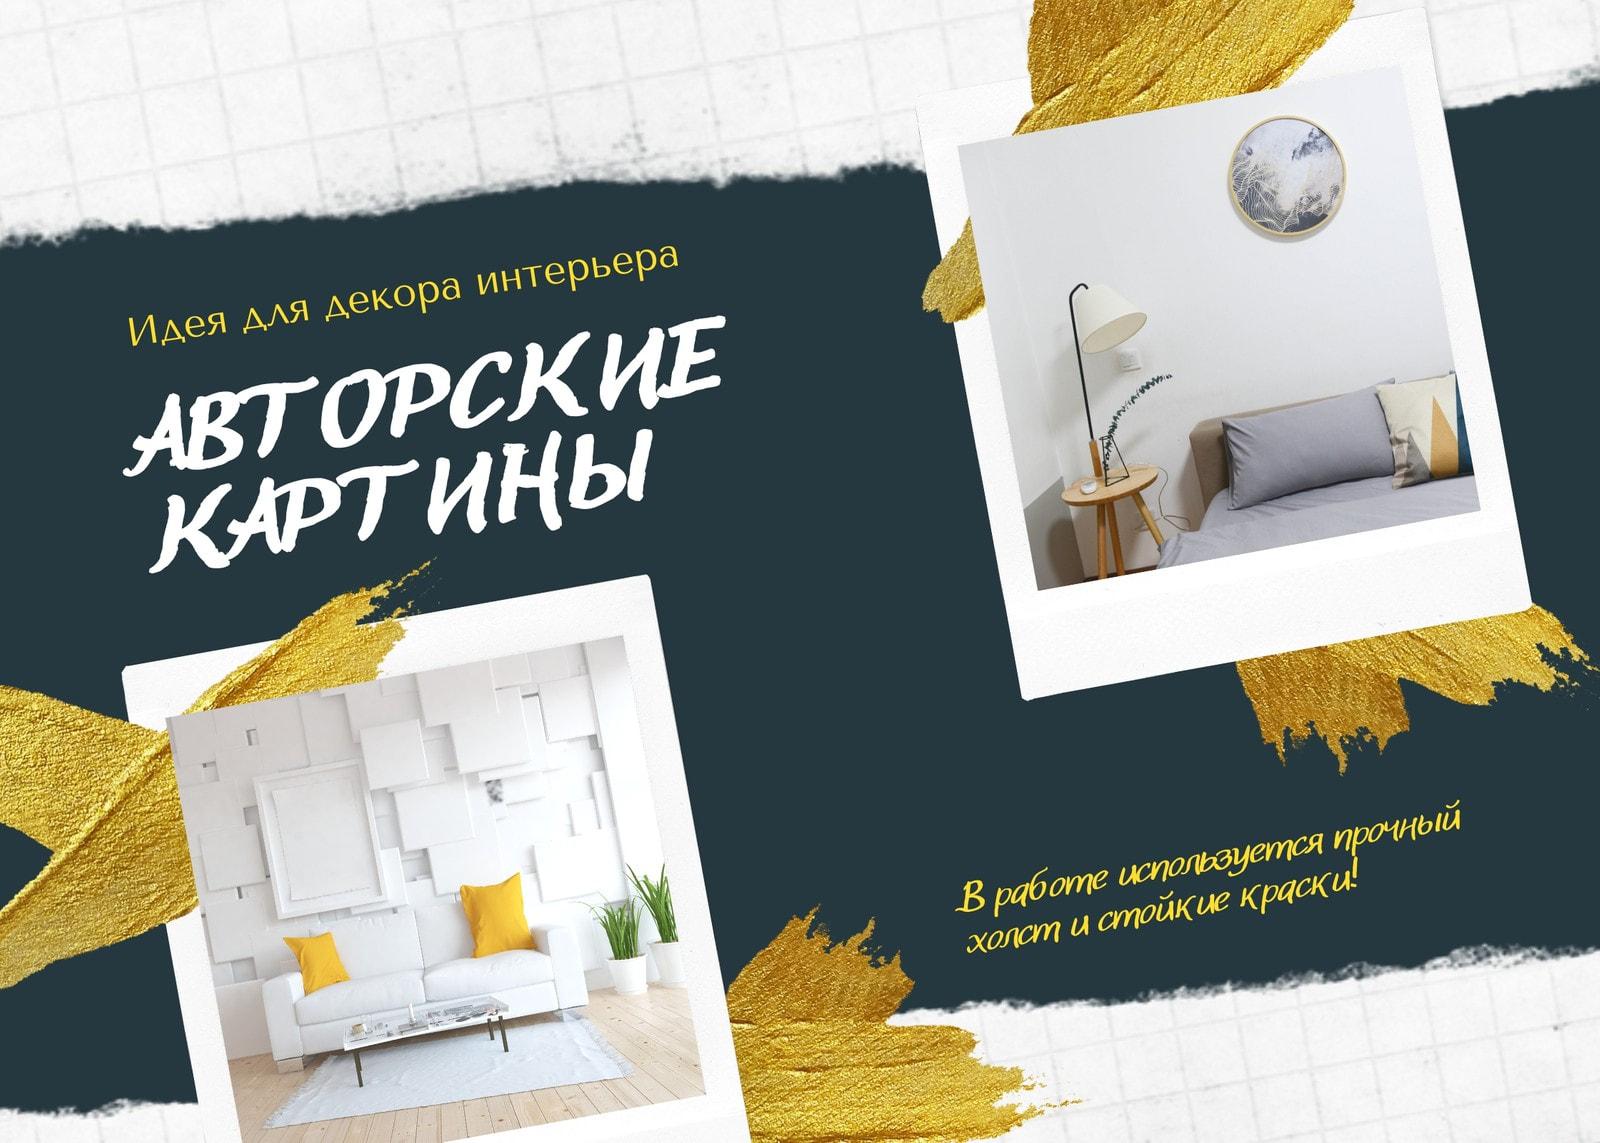 Сине-белый Пост ВКонтакте с интерьерными фотографиями